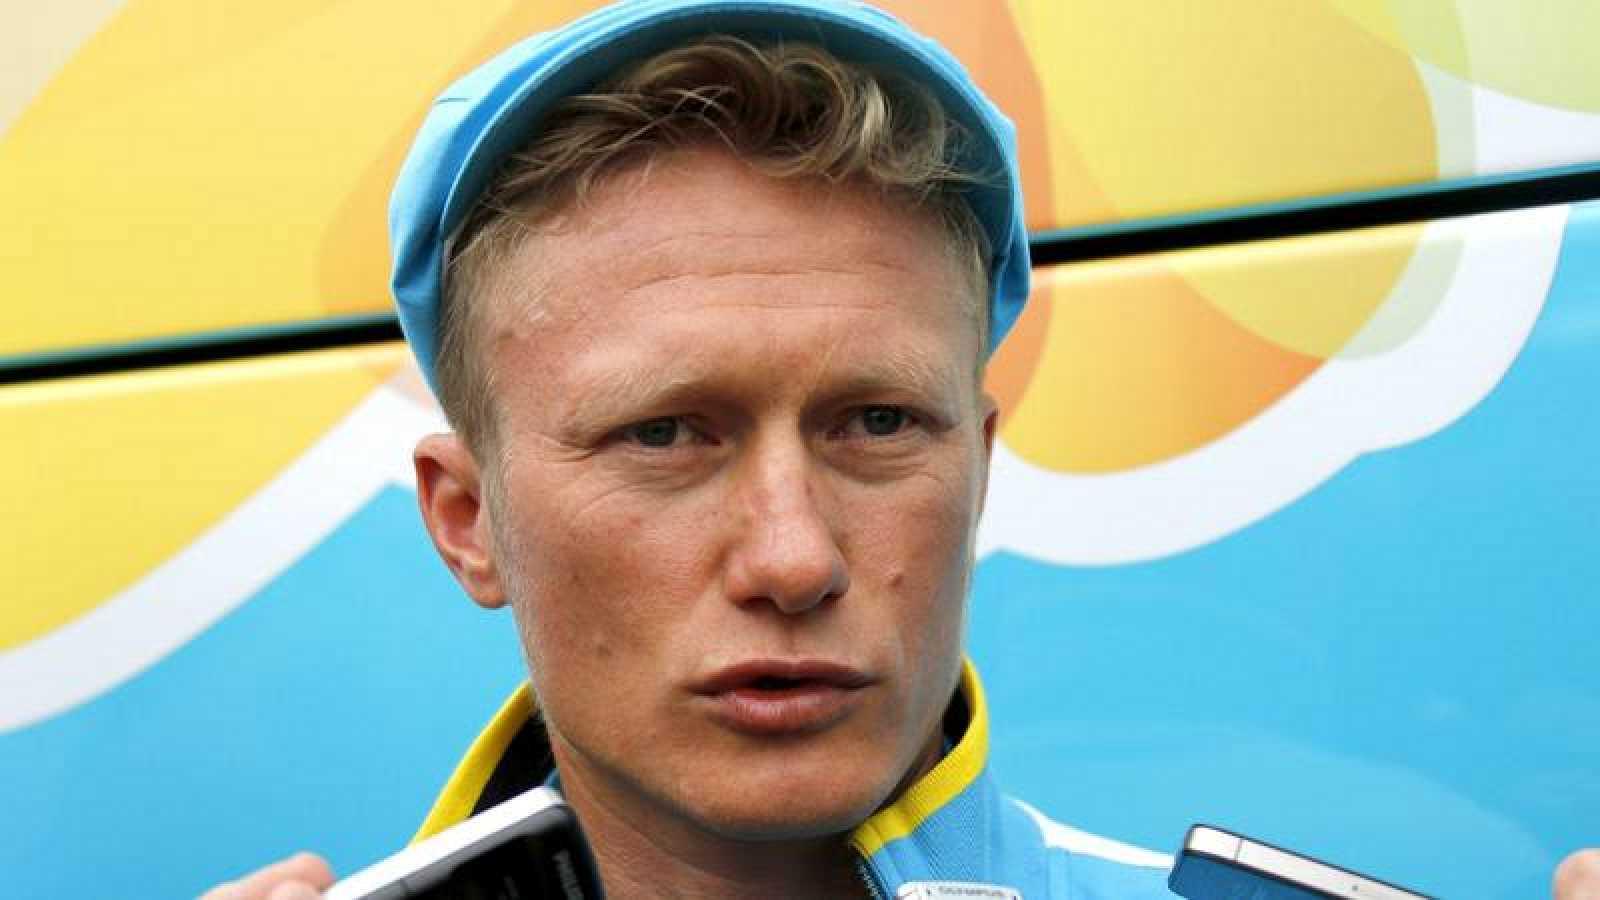 El exciclista kazajo Alexandre Vinokourov atiende a la prensa en imagen de archivo.